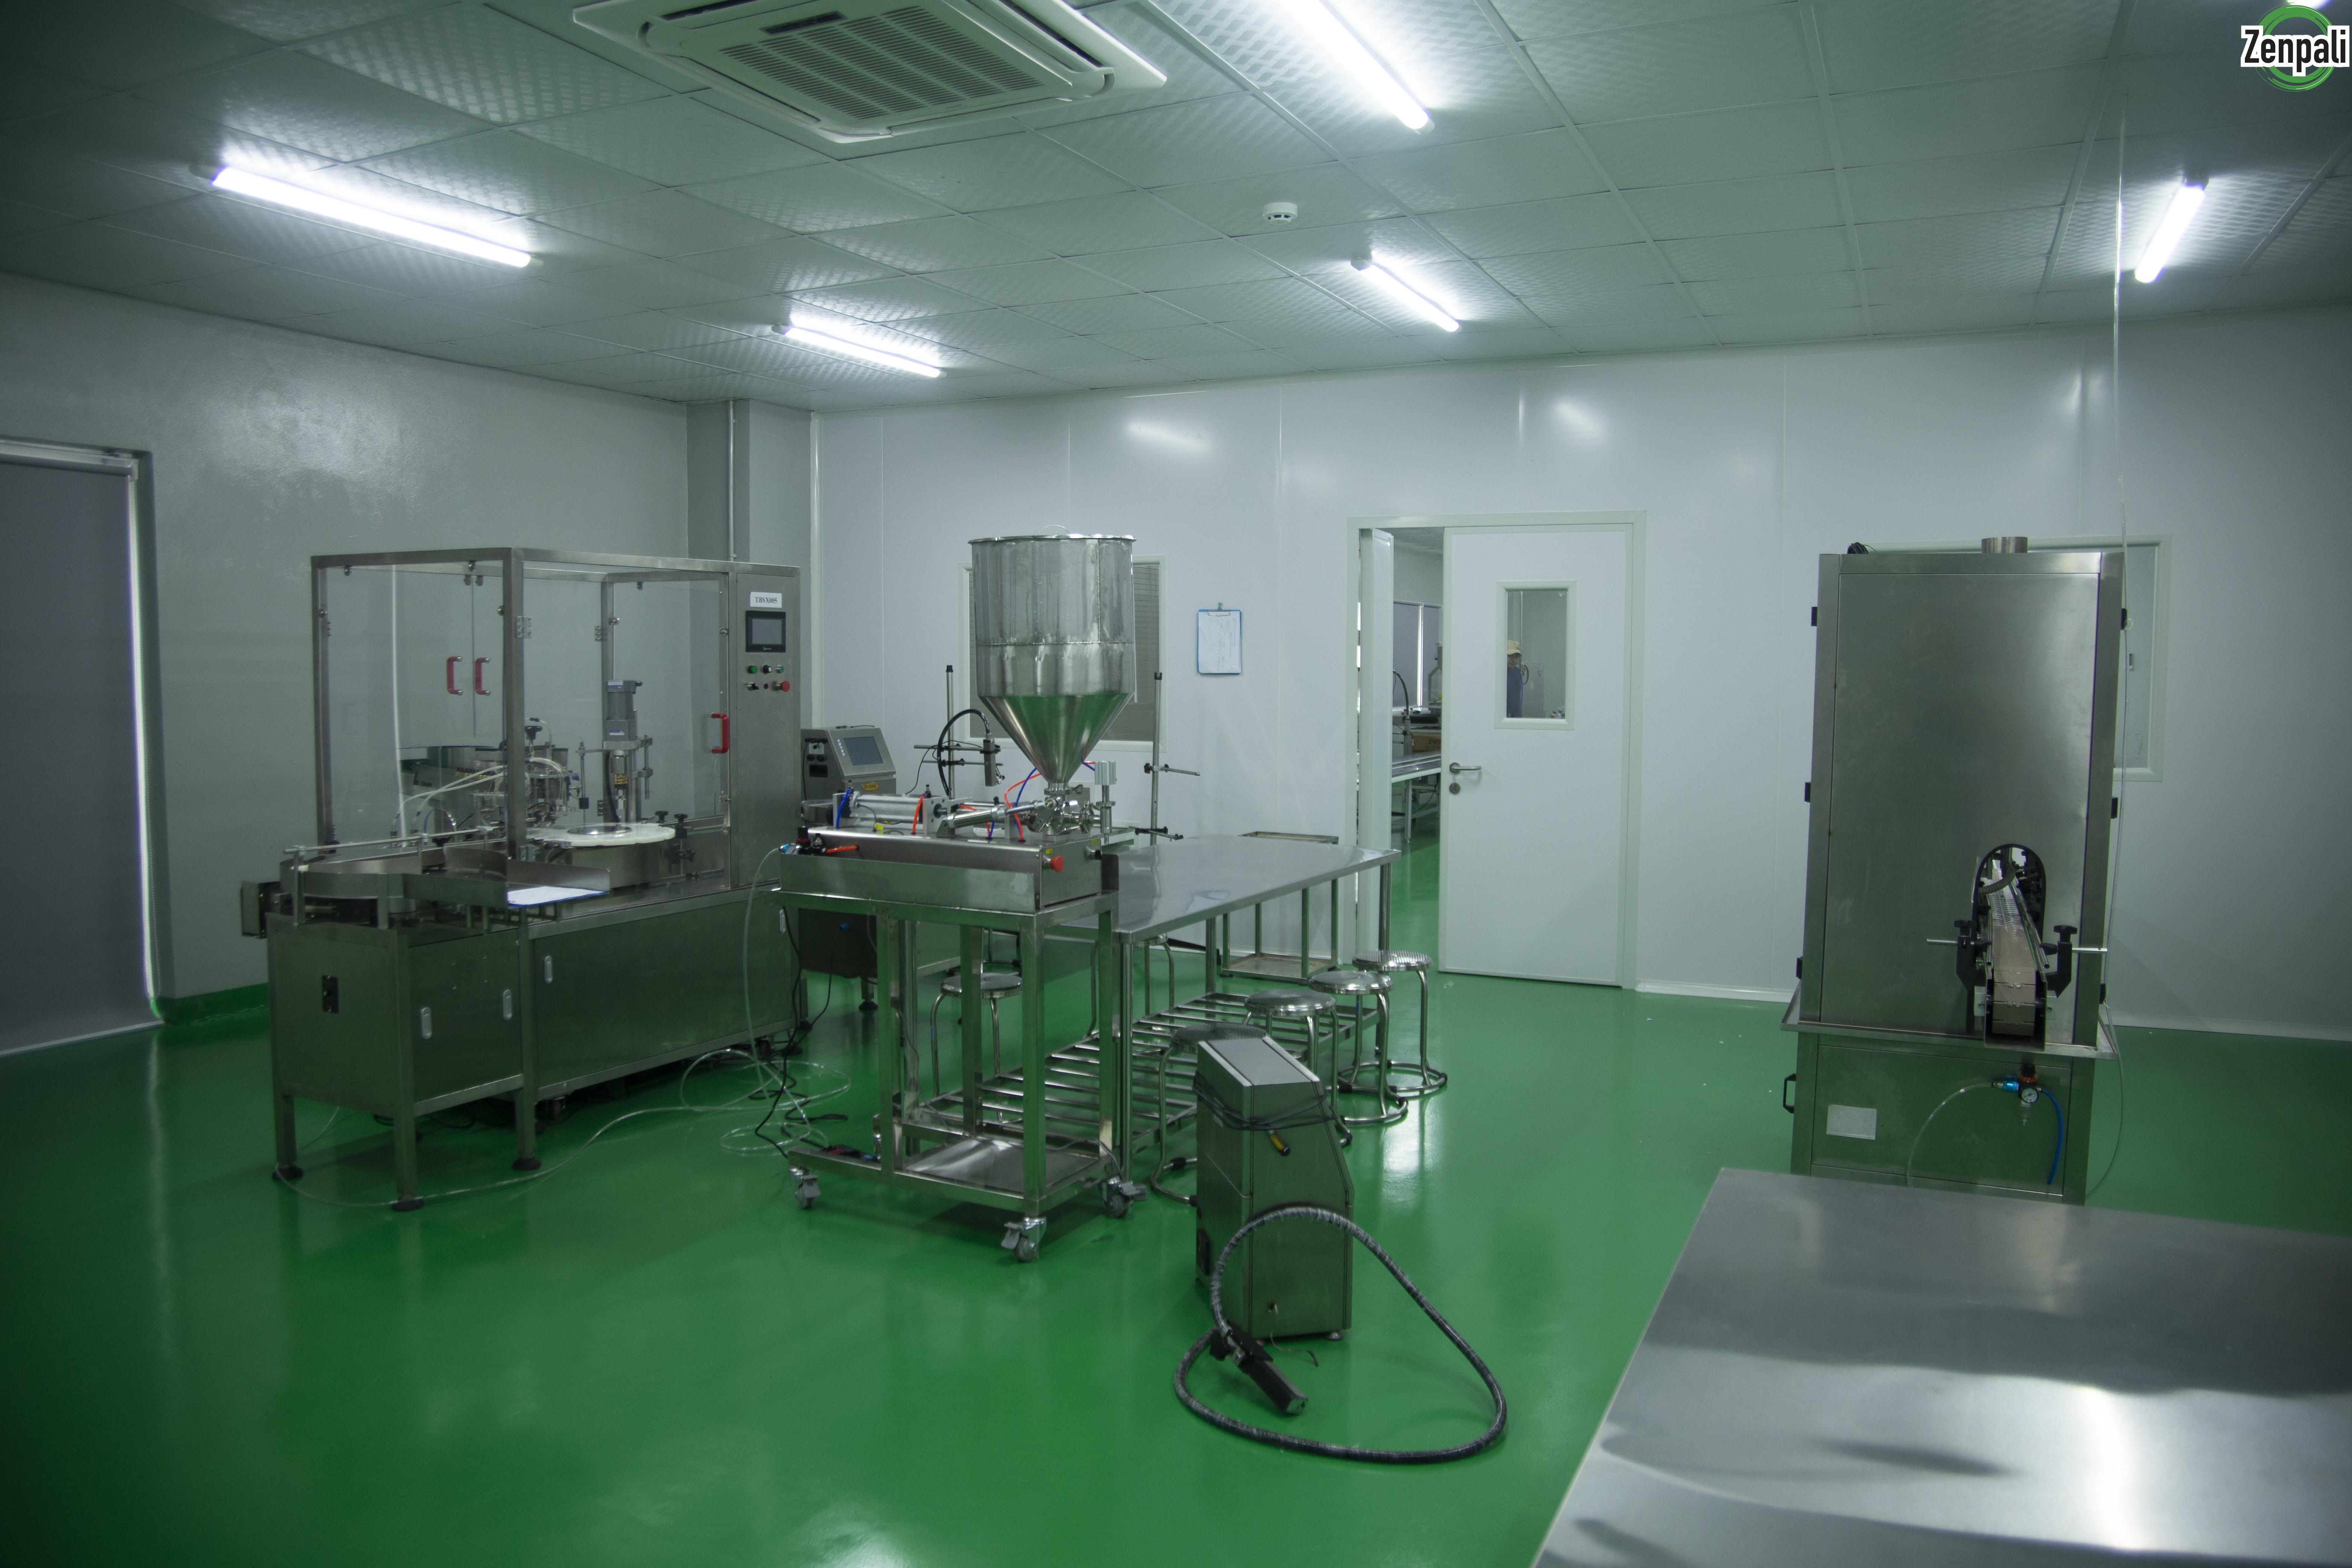 Nhà máy sản xuất mỹ phẩm theo tiêu chuẩn CGMP quy mô hàng đầu miền Bắc